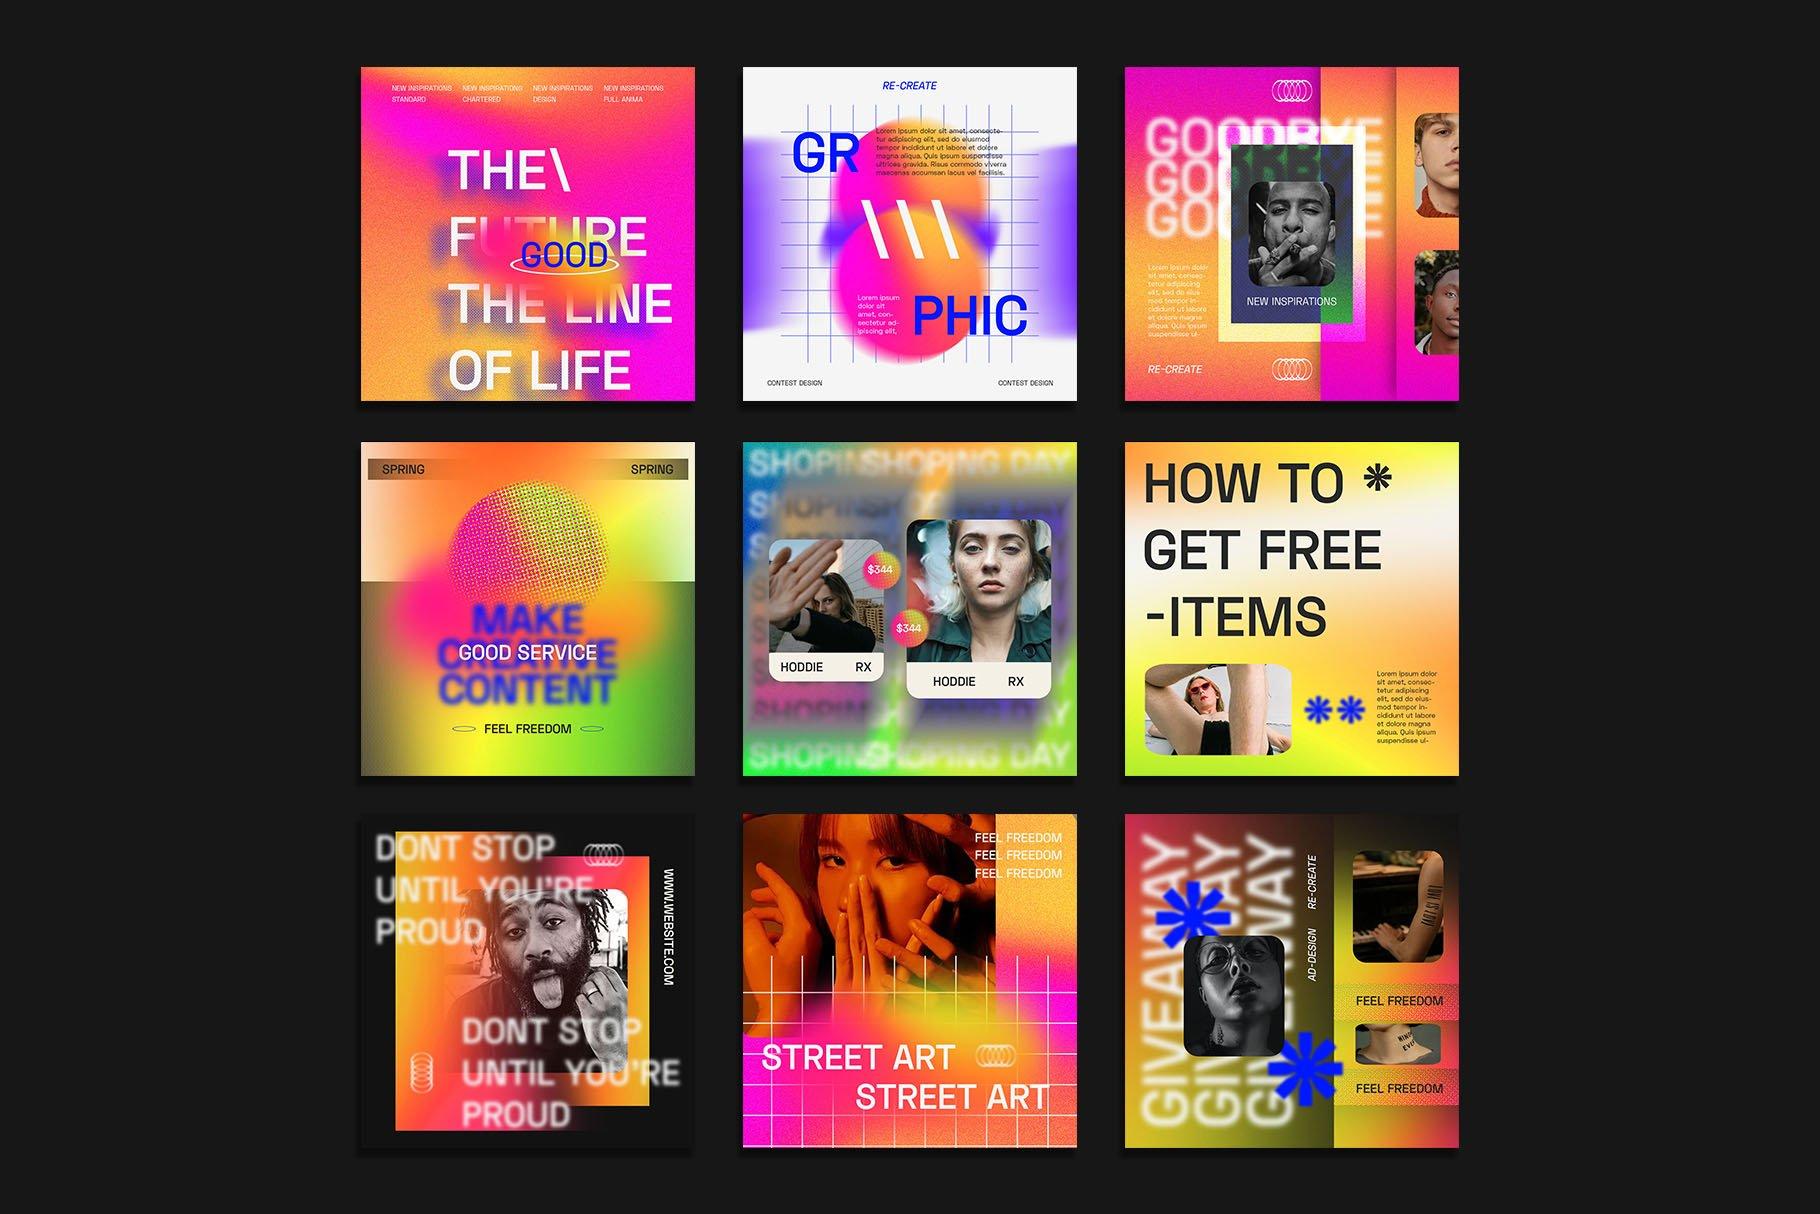 时尚潮流虹彩渐变品牌推广新媒体电商海报设计PSD模板素材 Gradiyent Instagram Templates插图1